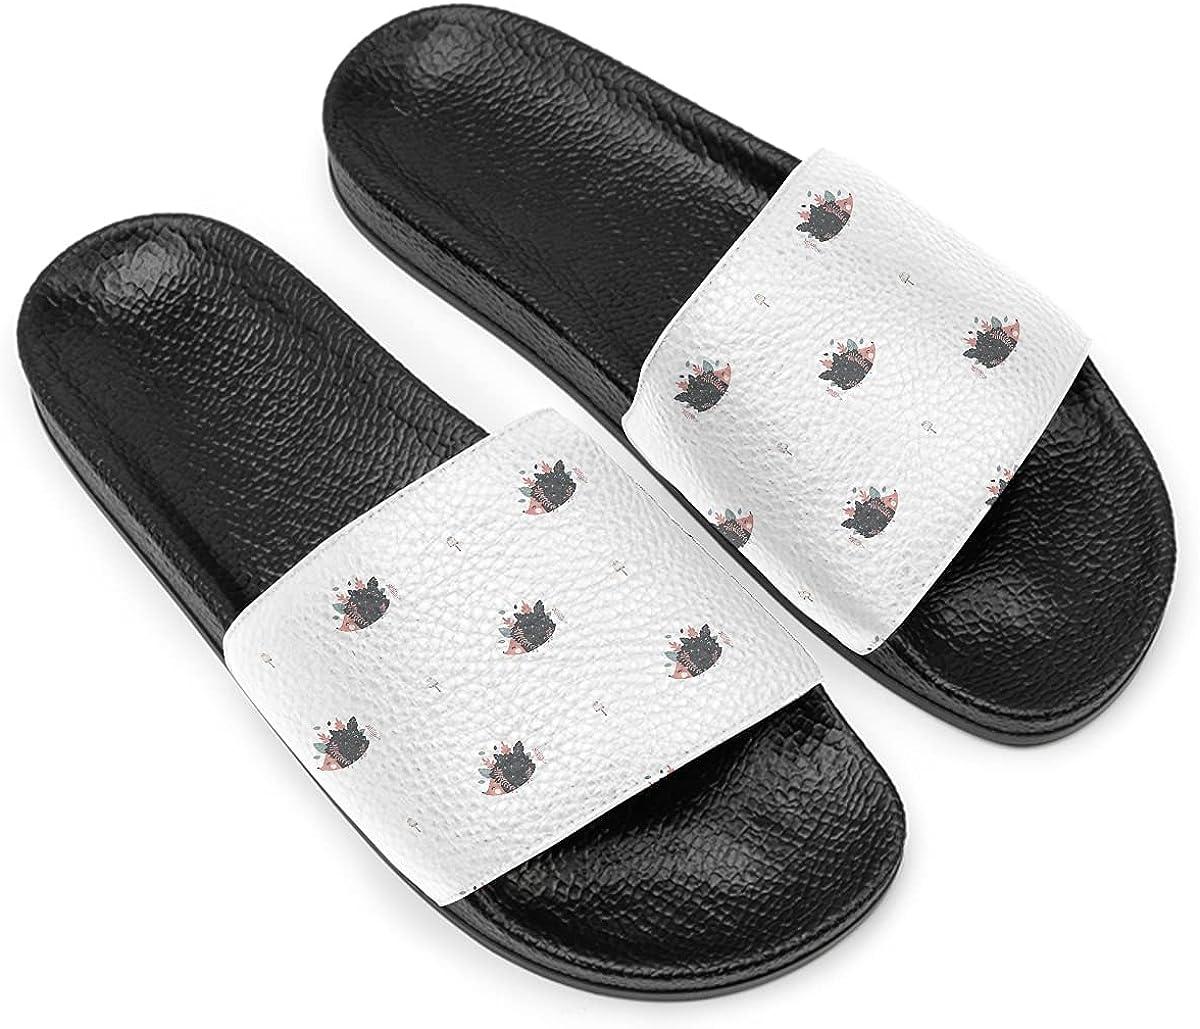 Hedgehogs Memphis Mall Slide Sandal For Women Men Low price Flat soft non-slip black so